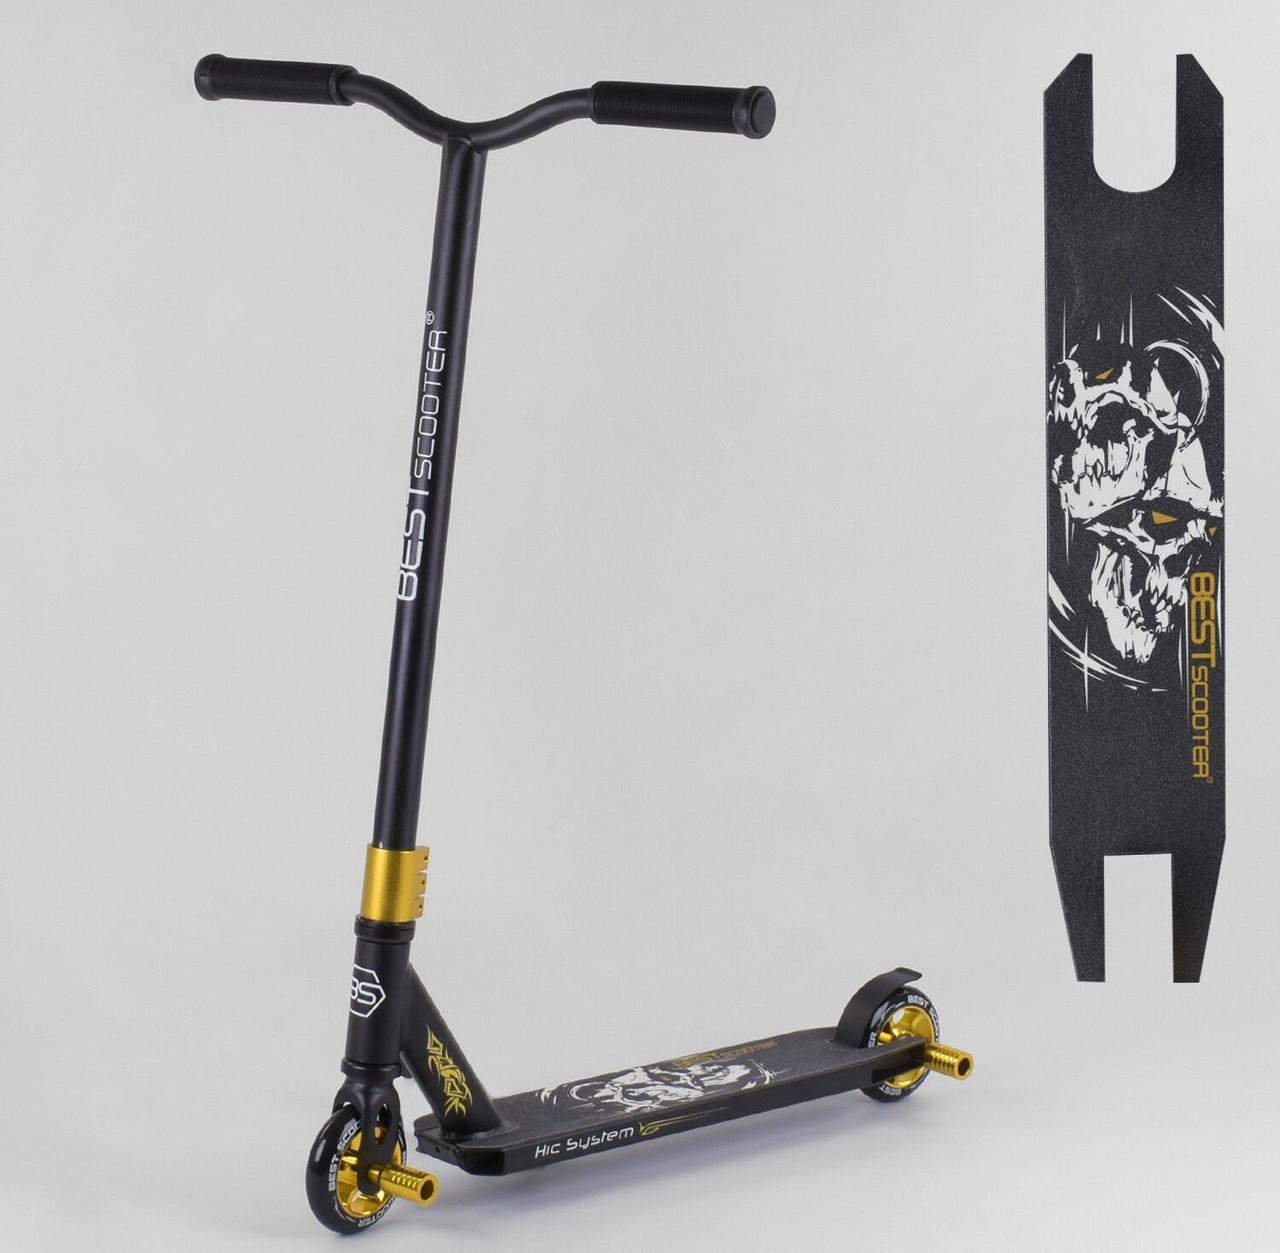 Самокат детский трюковый с усиленной рамой из алюминия 22879 Best Scooter с HIC-системой, колёса PU